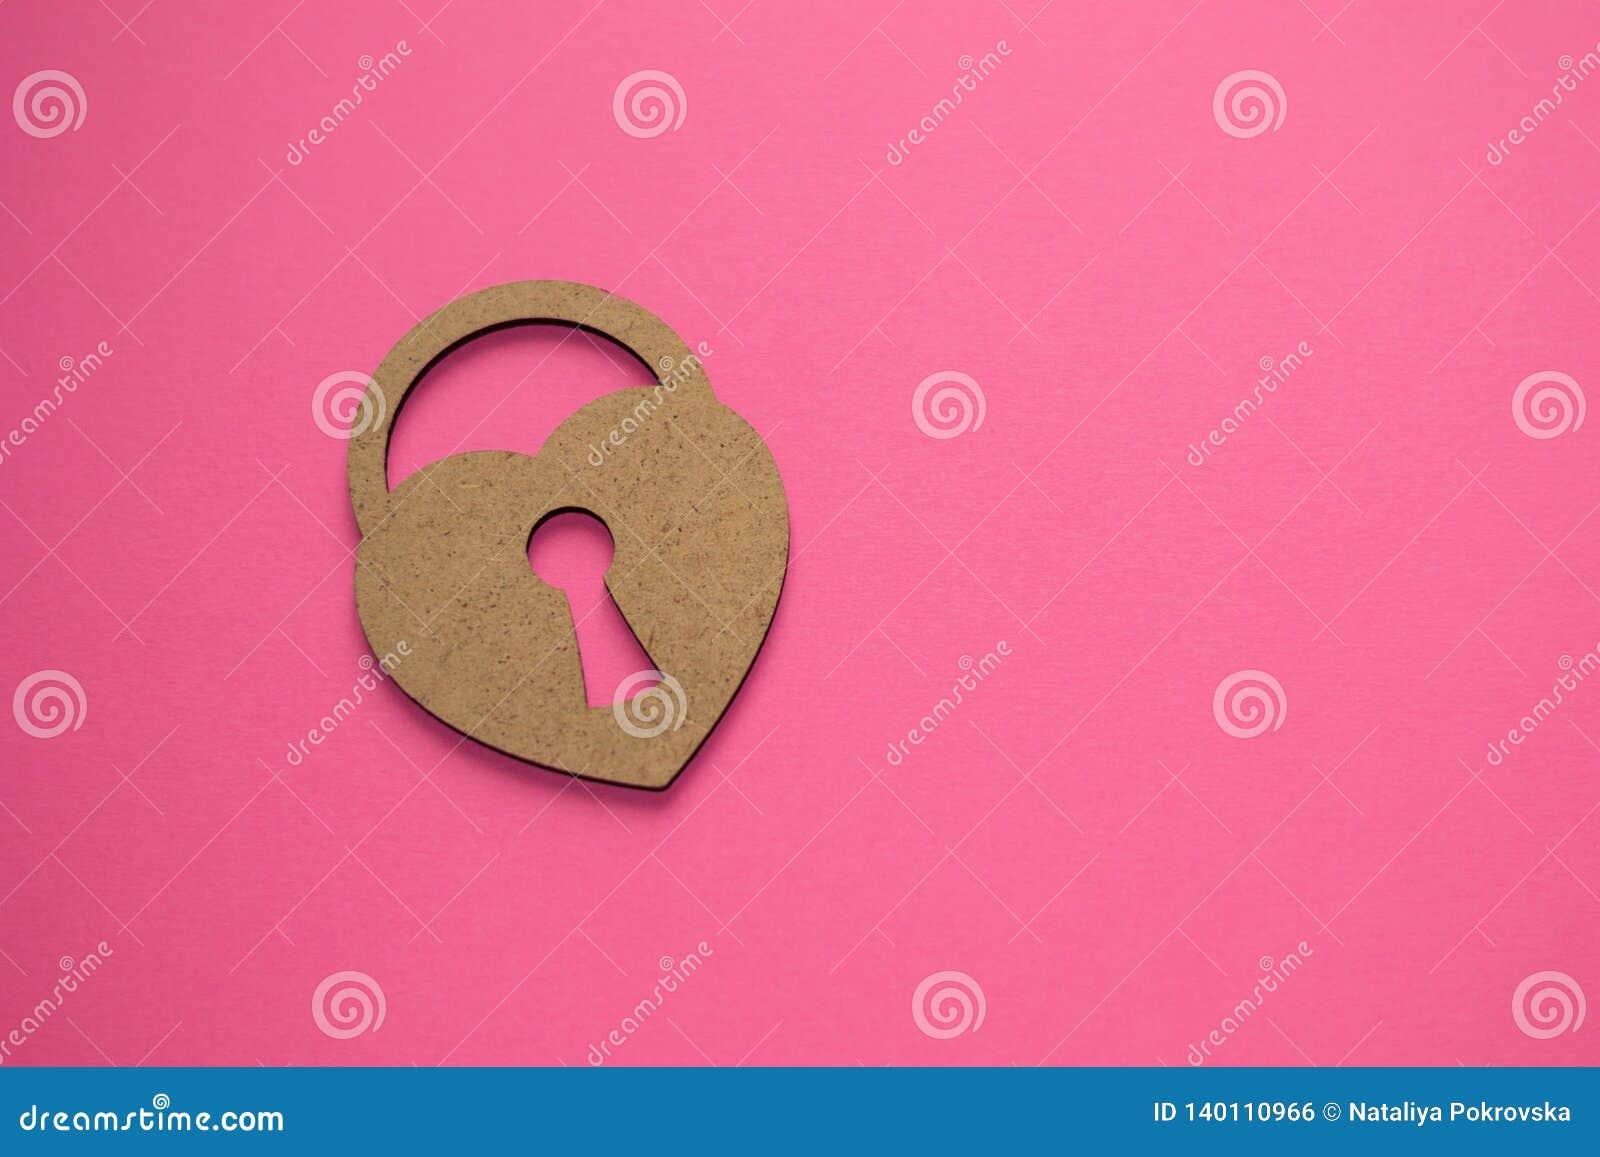 Saint-Valentin heureuse ! Clé au coeur Coeur isolé verrouillé sur le fond rose Quel est amour ? Les tops secrets de l amour, pass